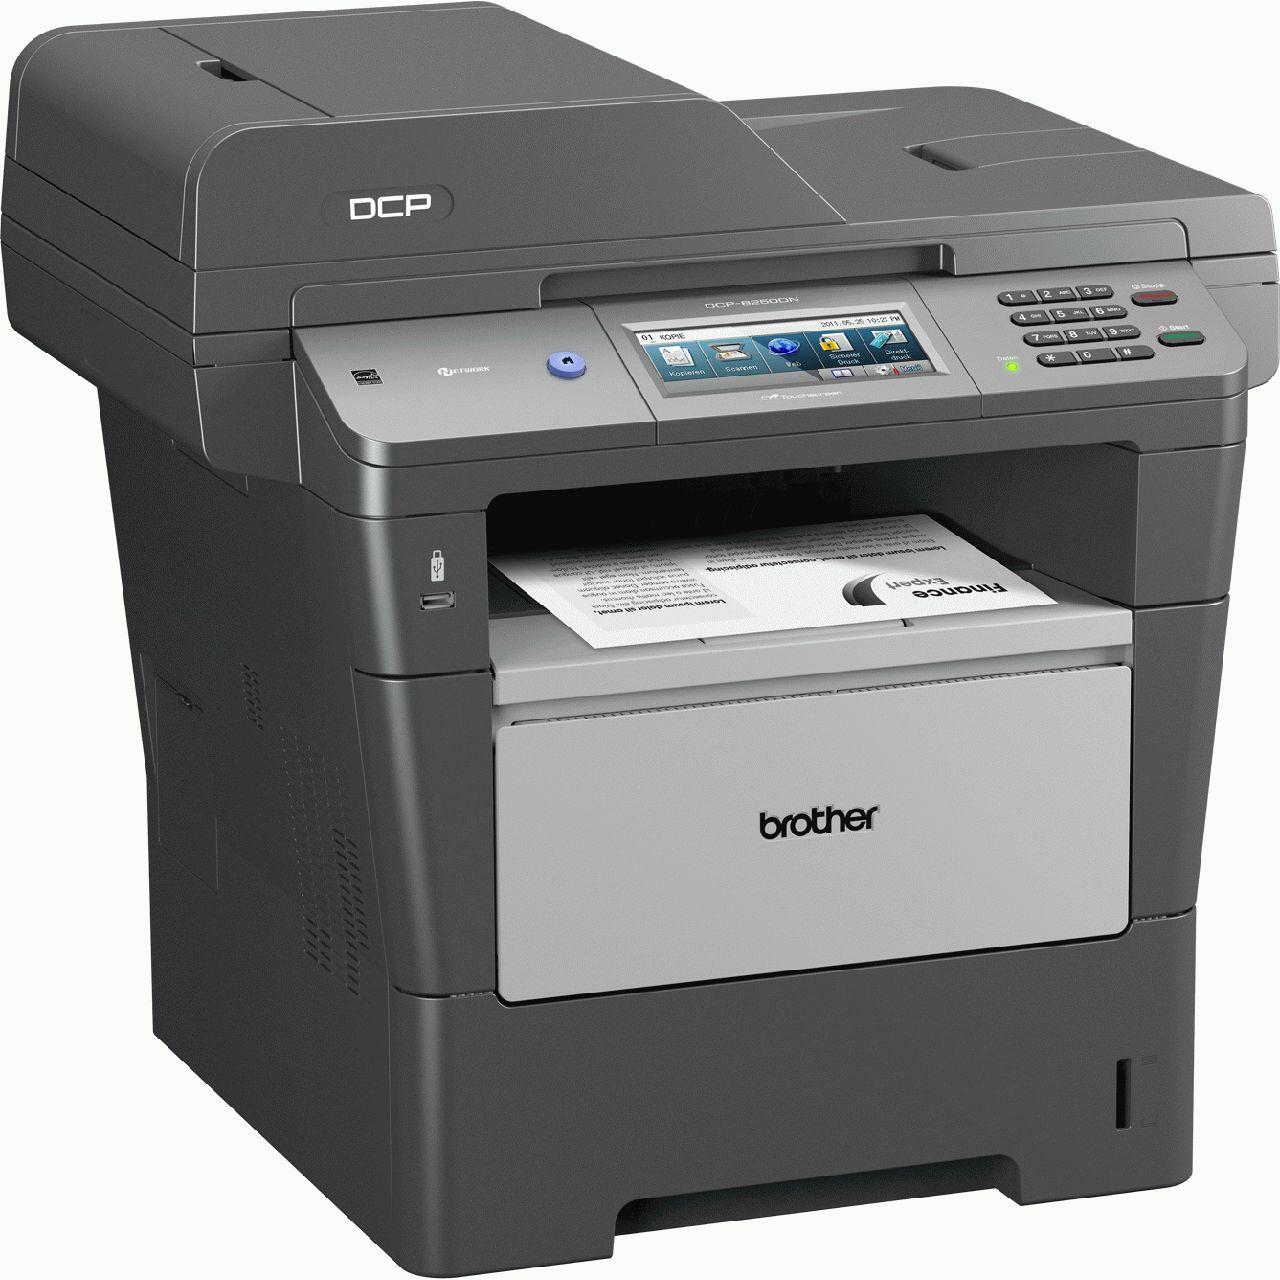 Принтер Brother DCP-8250DN